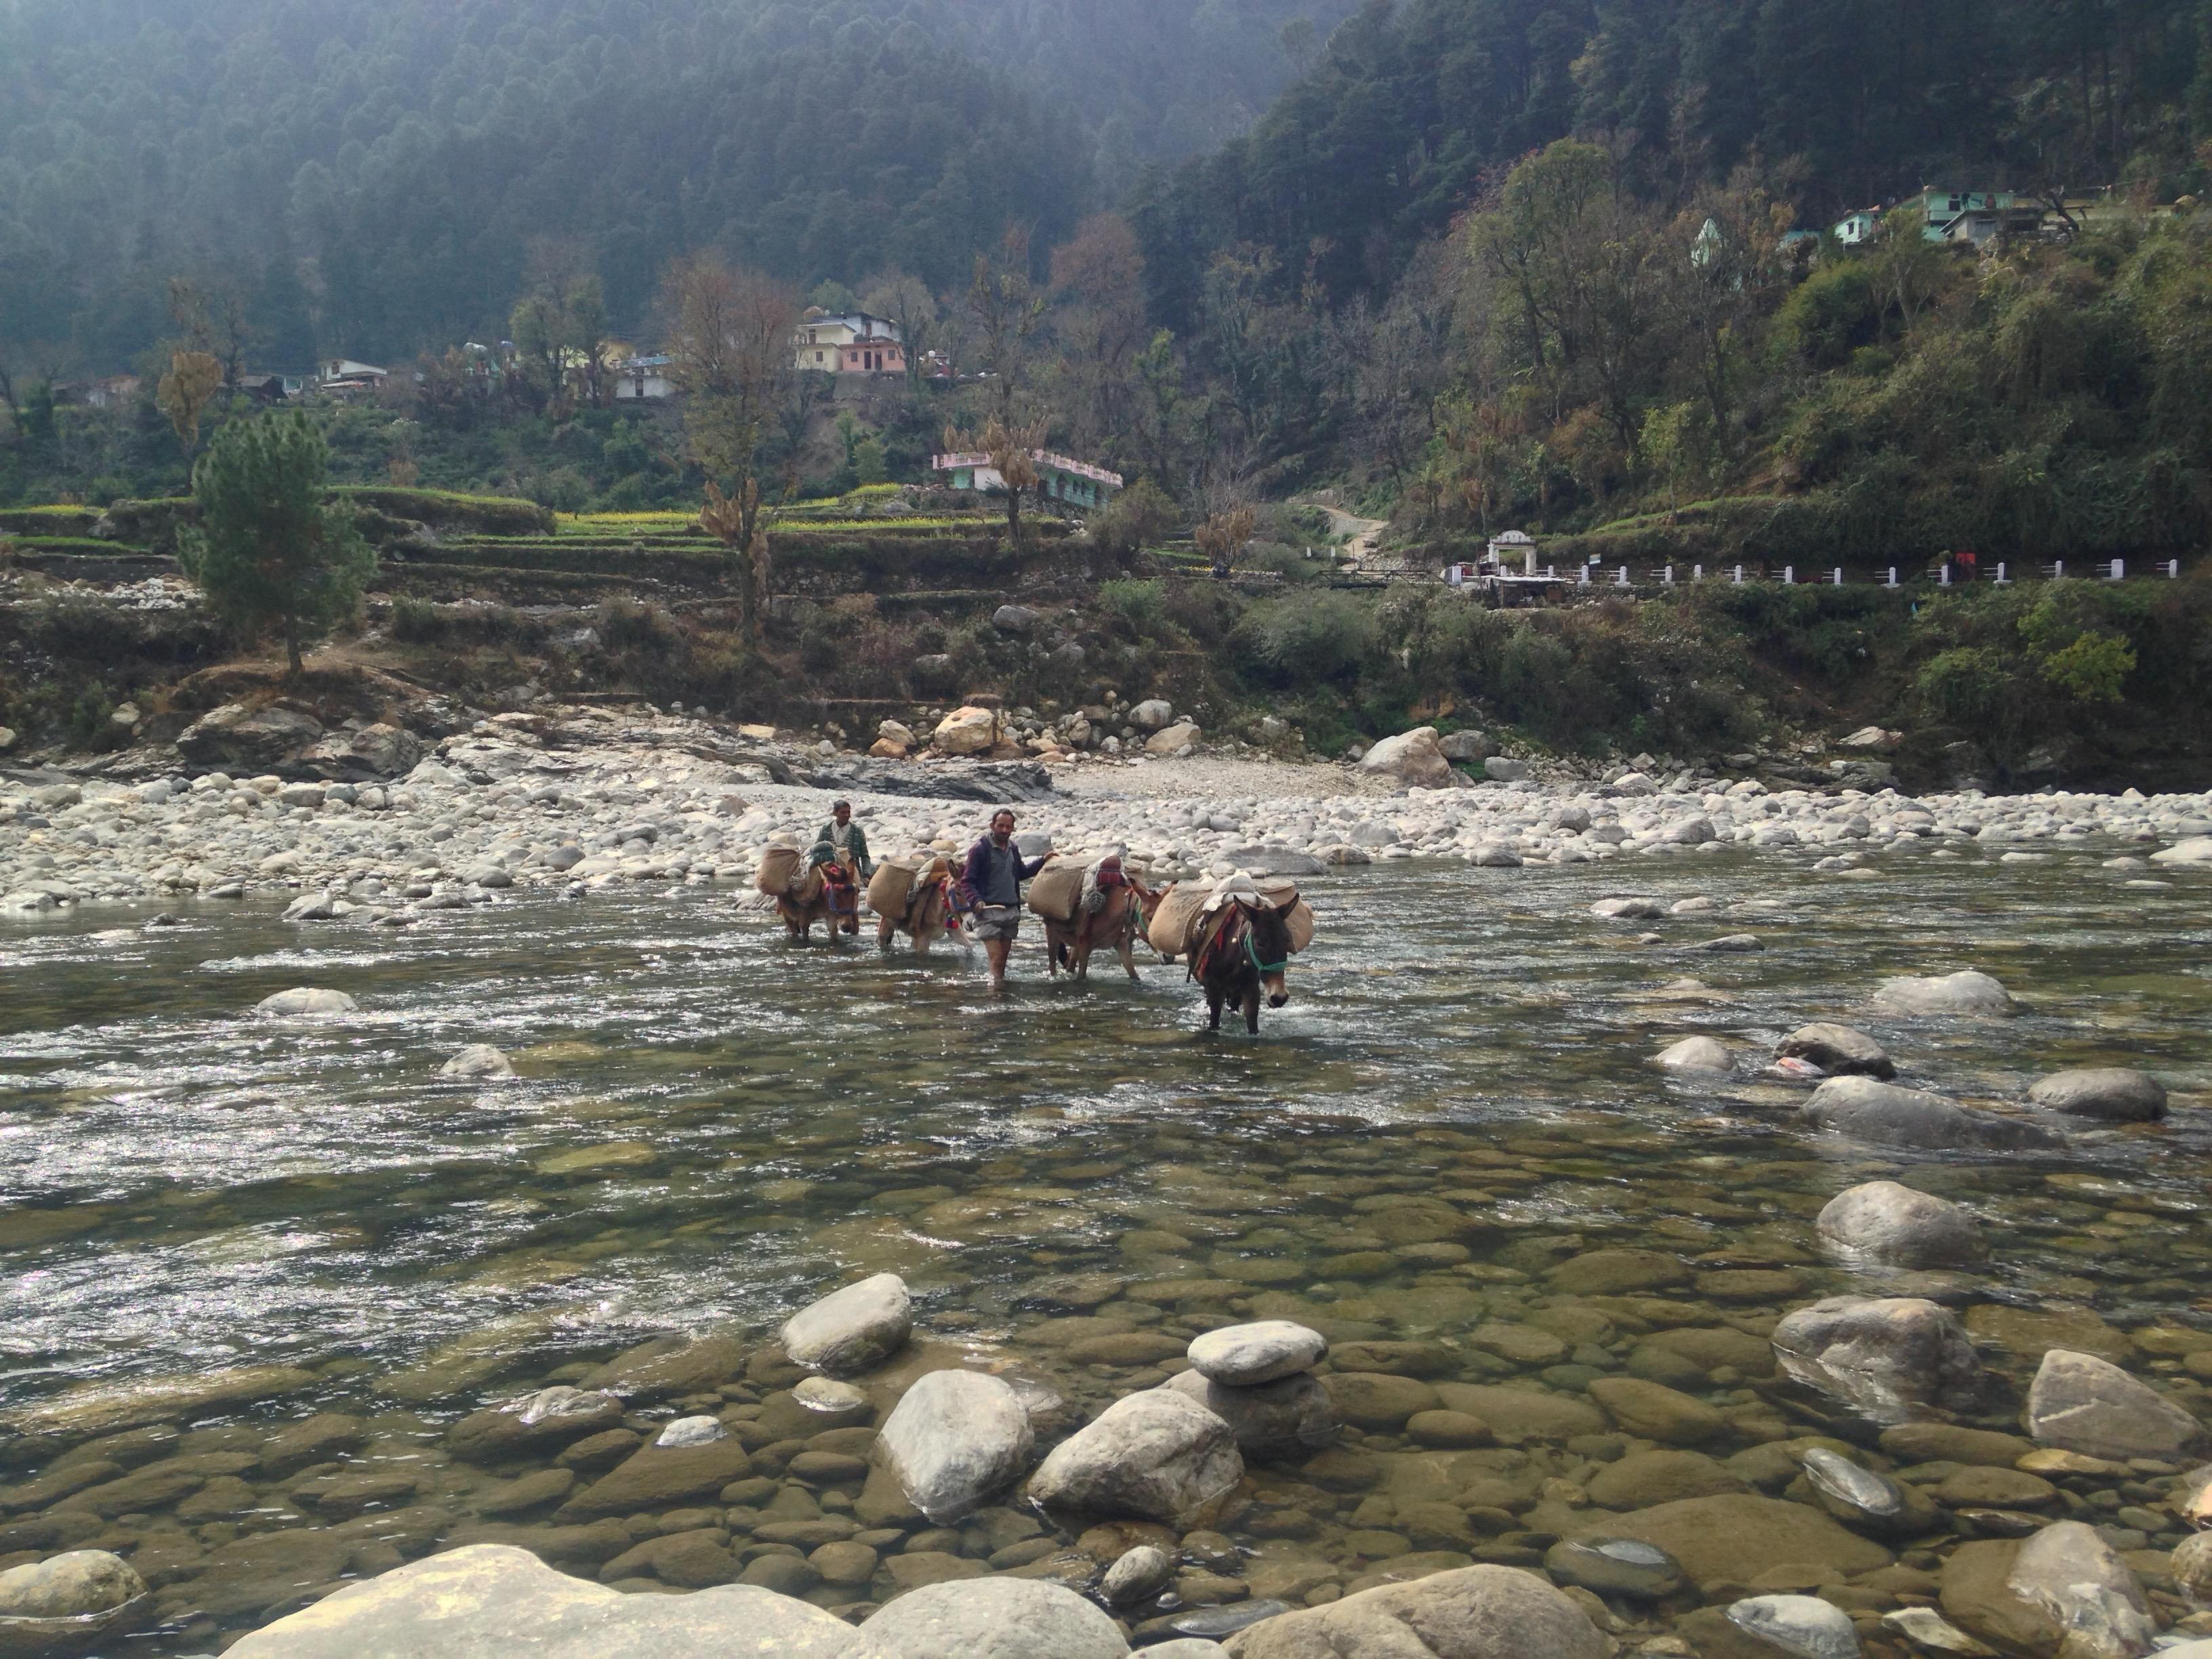 Mother River Ganges